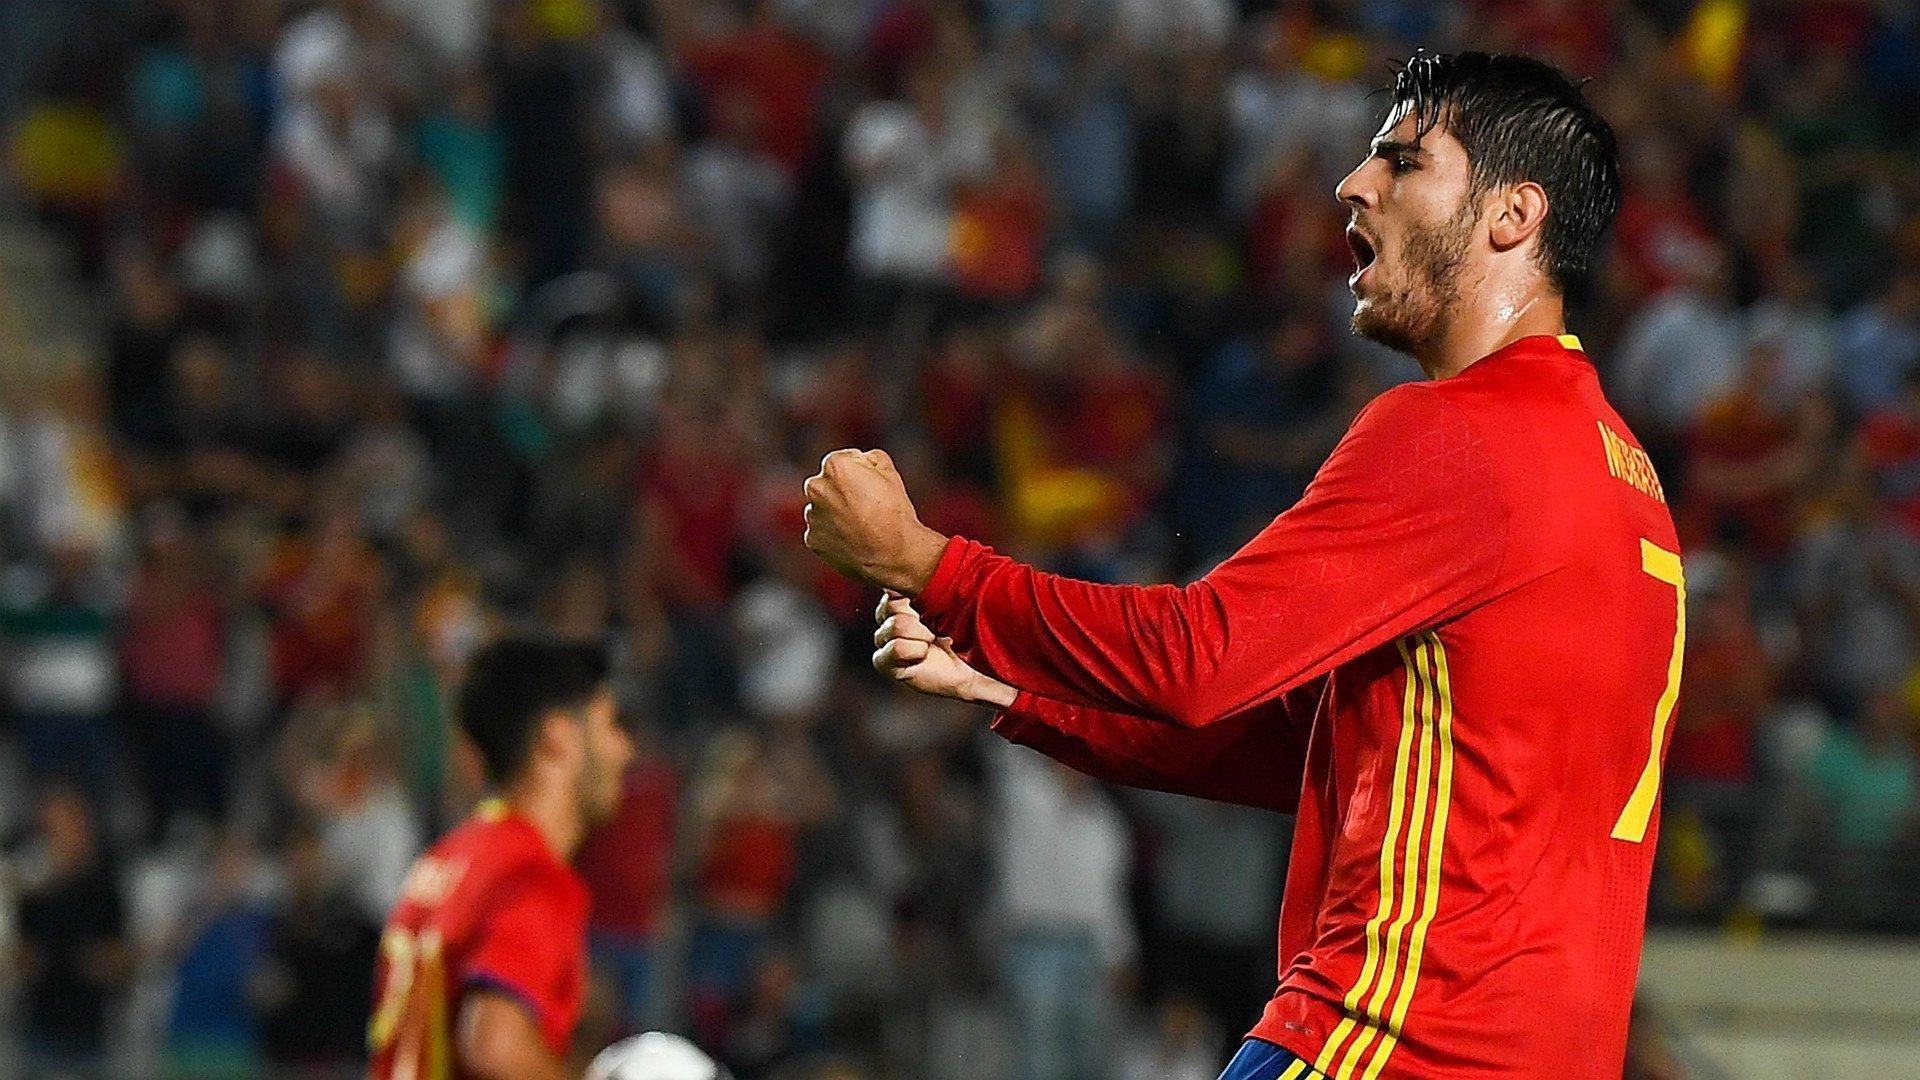 Đặt bút ký vào hợp đồng sanh M.U, Morata sẽ là cầu thủ Tây Ban Nha đắt giá nhất